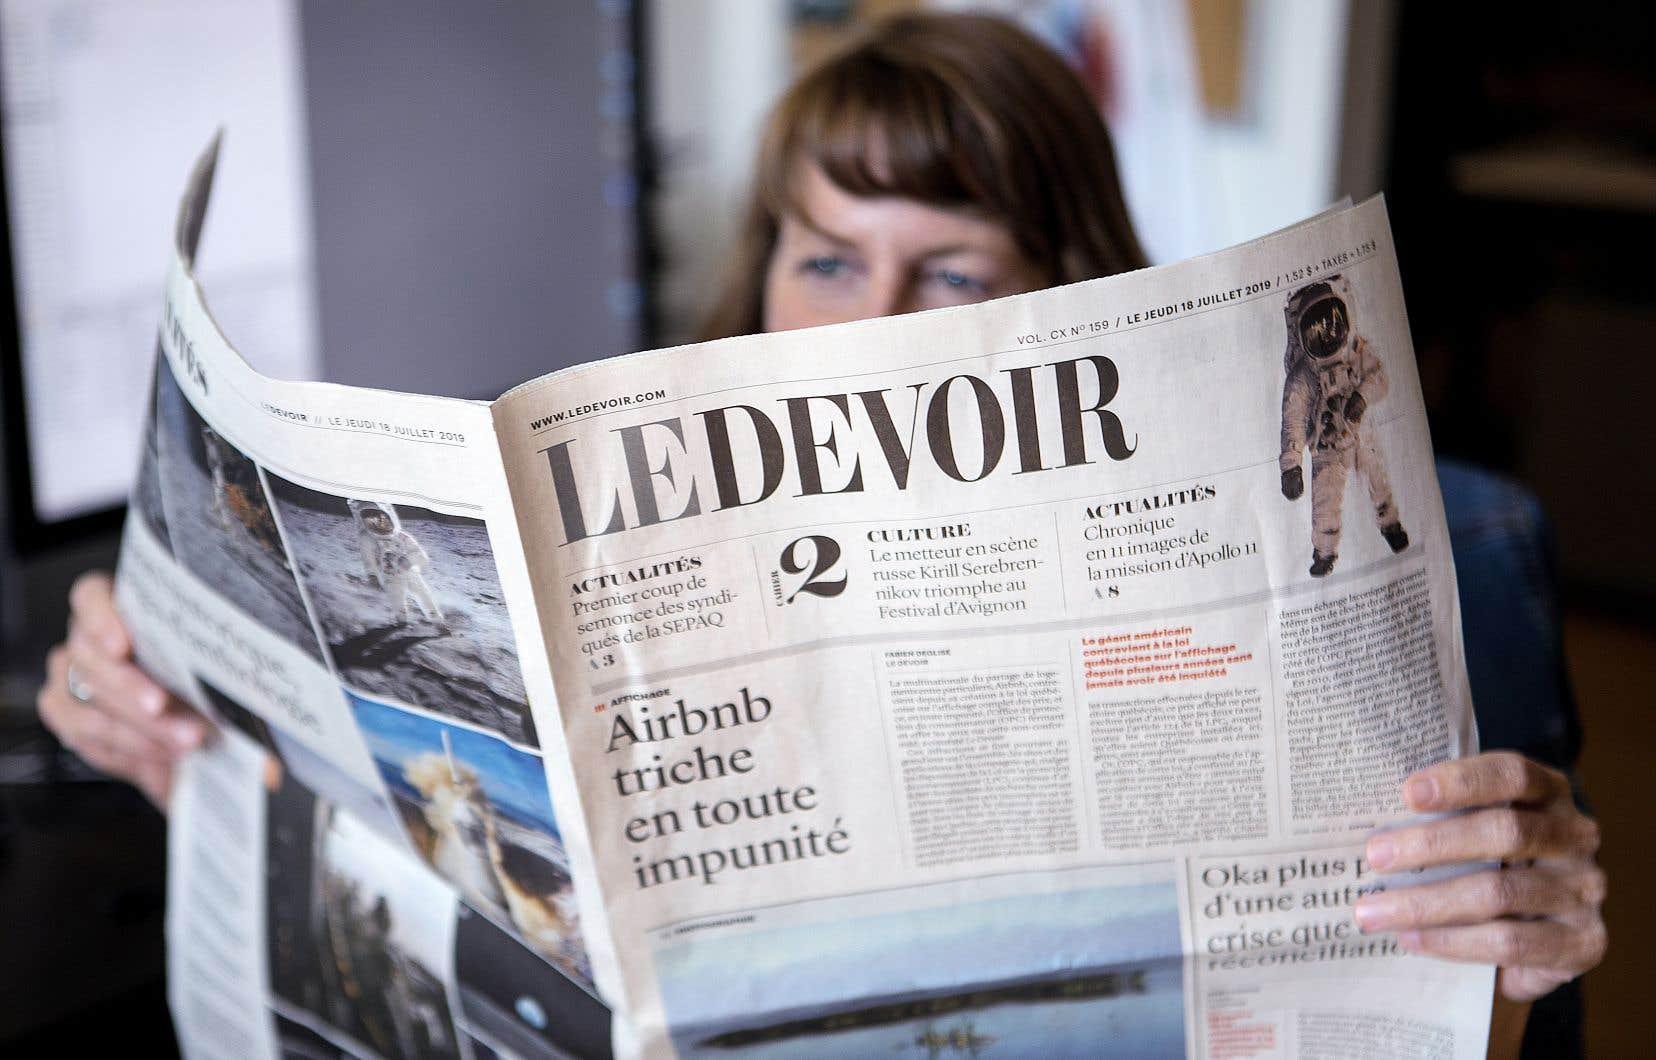 Trois éditoriaux de la rédactrice en chef du «Devoir», Marie-Andrée Chouinard, et un cliché d'actualité du photographe Jacques Nadeau sont en lice pour remporter des prix auConcours canadien de journalisme.